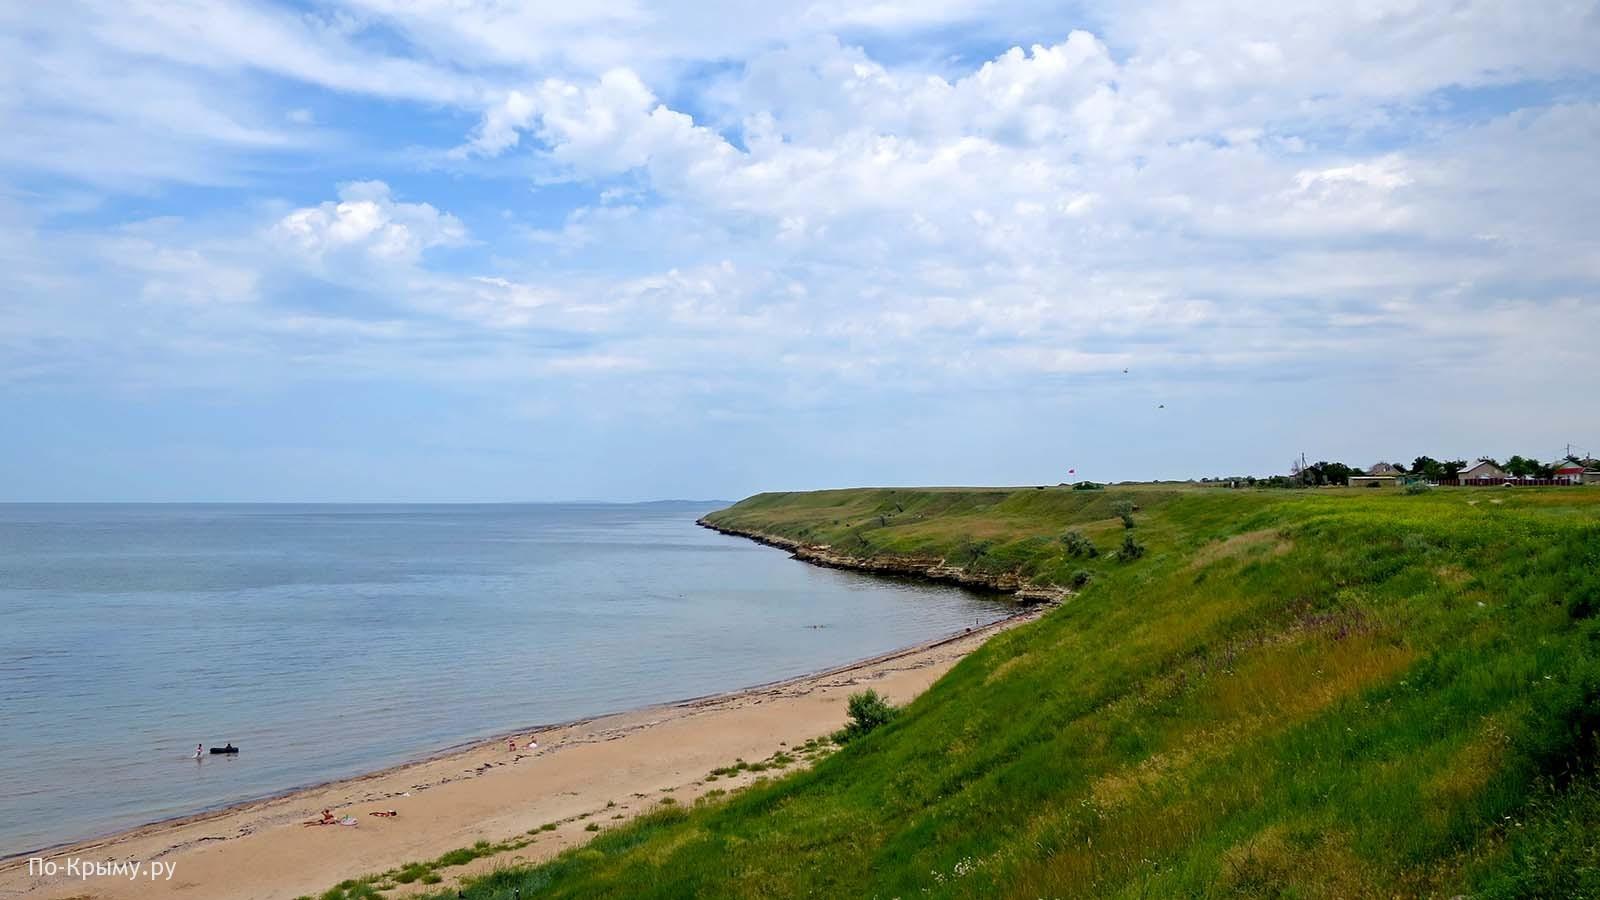 Азовское море, песчаный пляж поселка Каменское